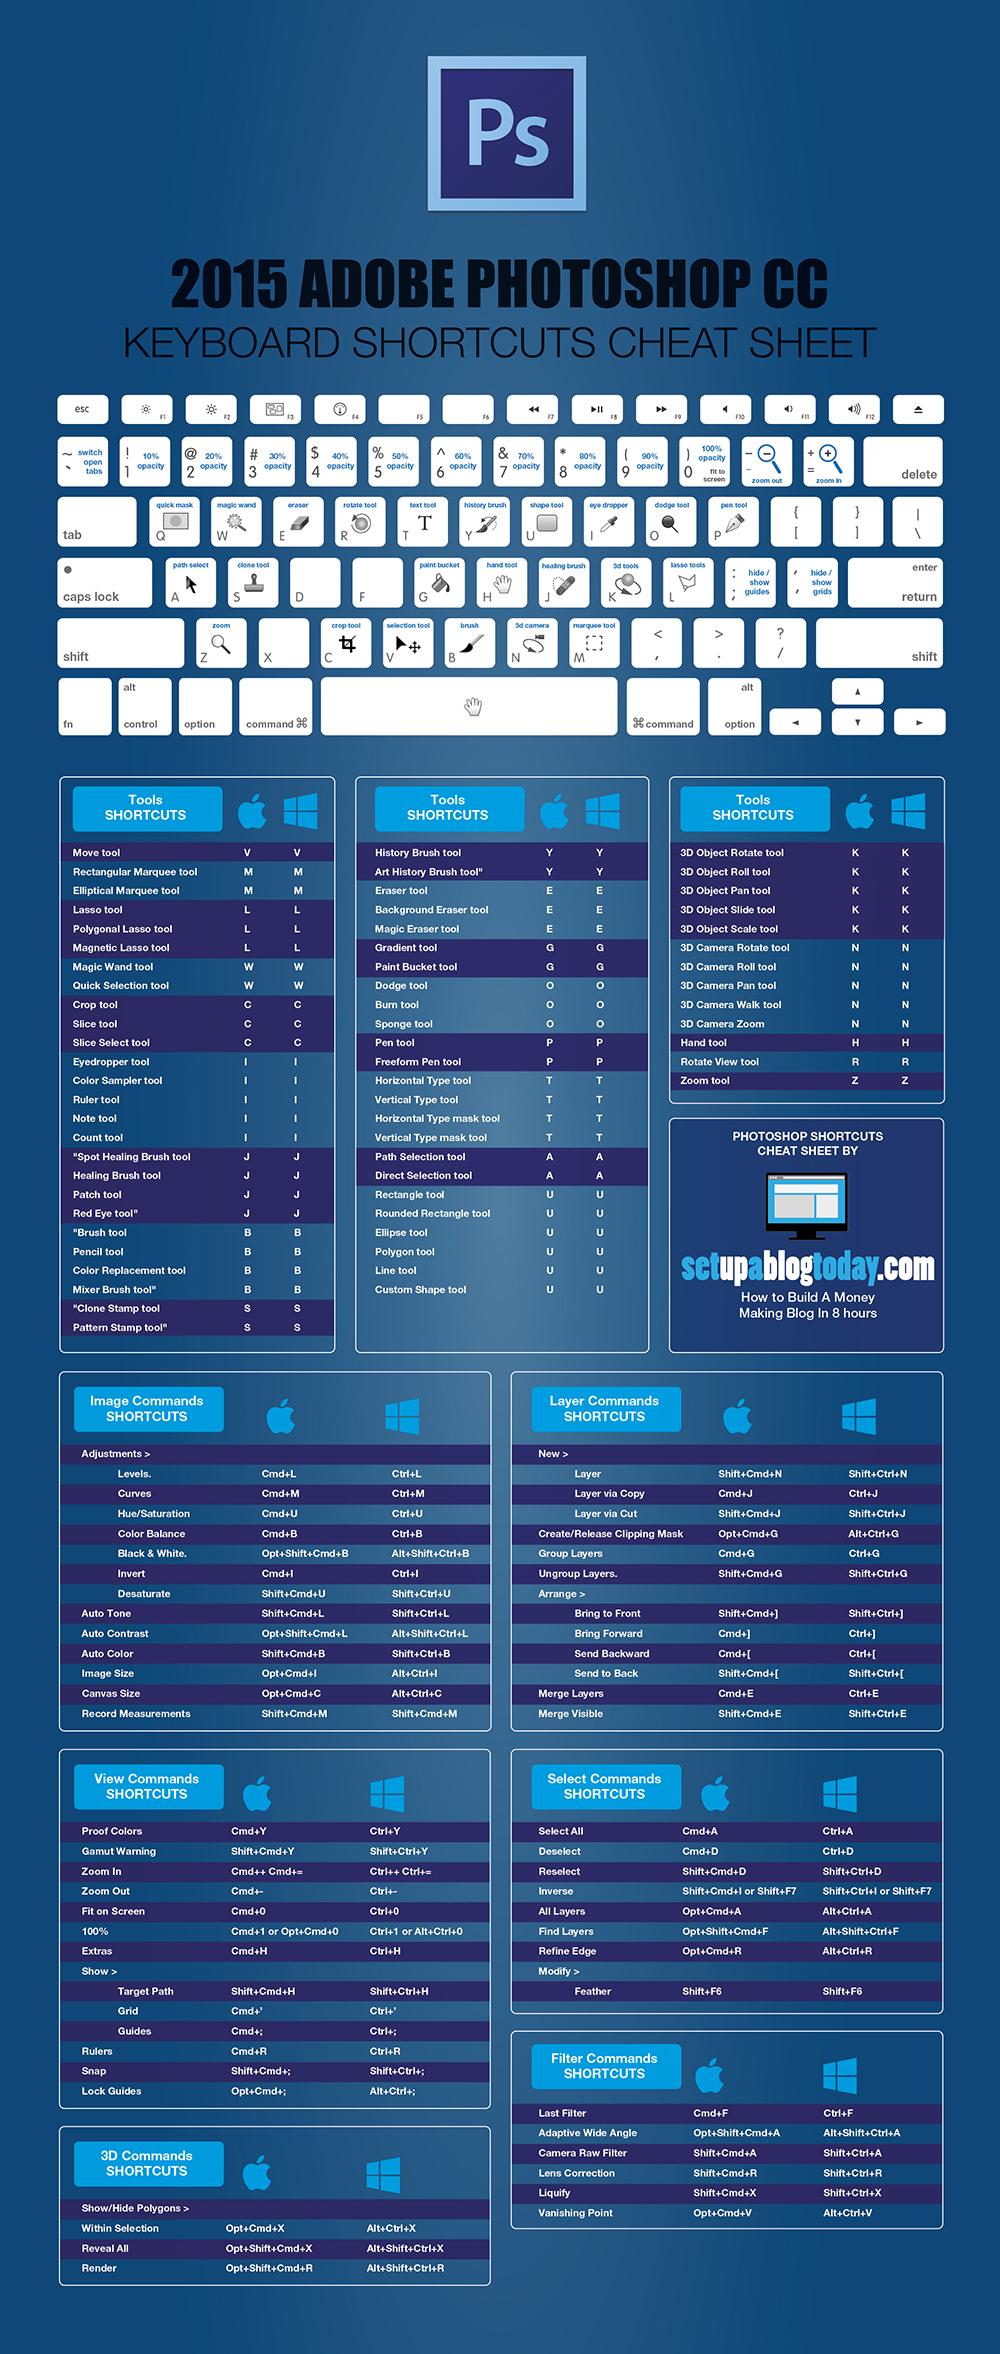 Infografía: Los principales atajos de teclado Photoshop